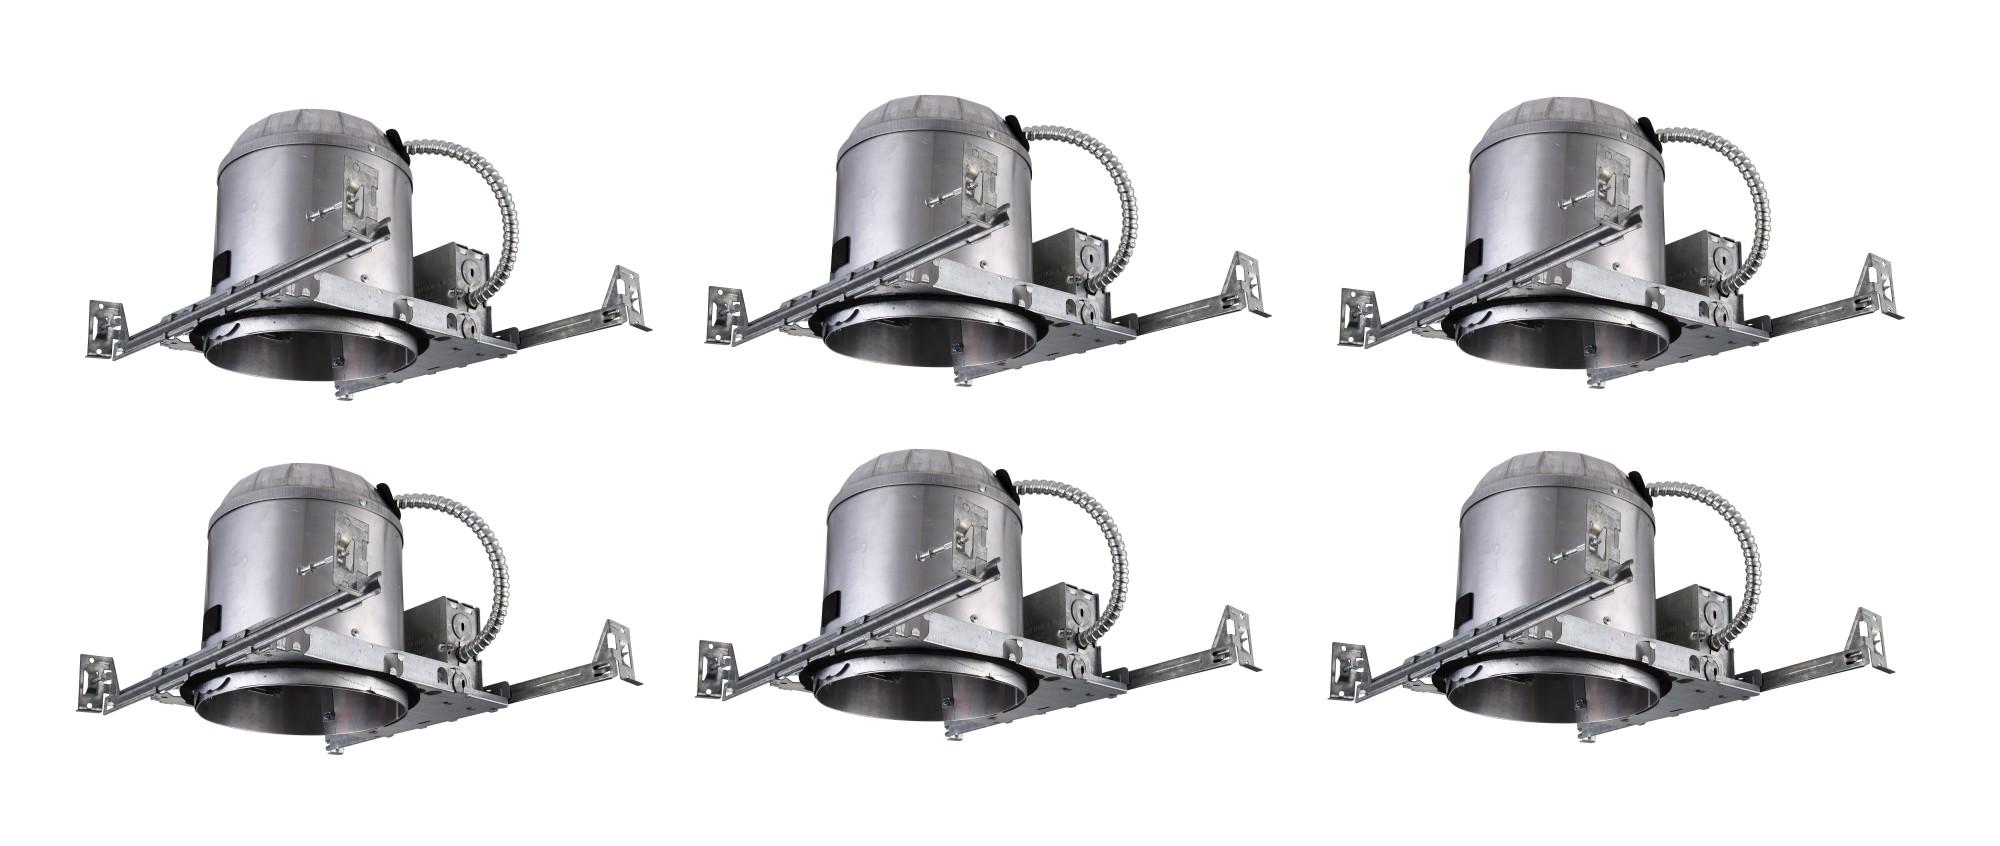 Elegant Lighting Re7ica Elitco 6 Trim Aluminum Recessed